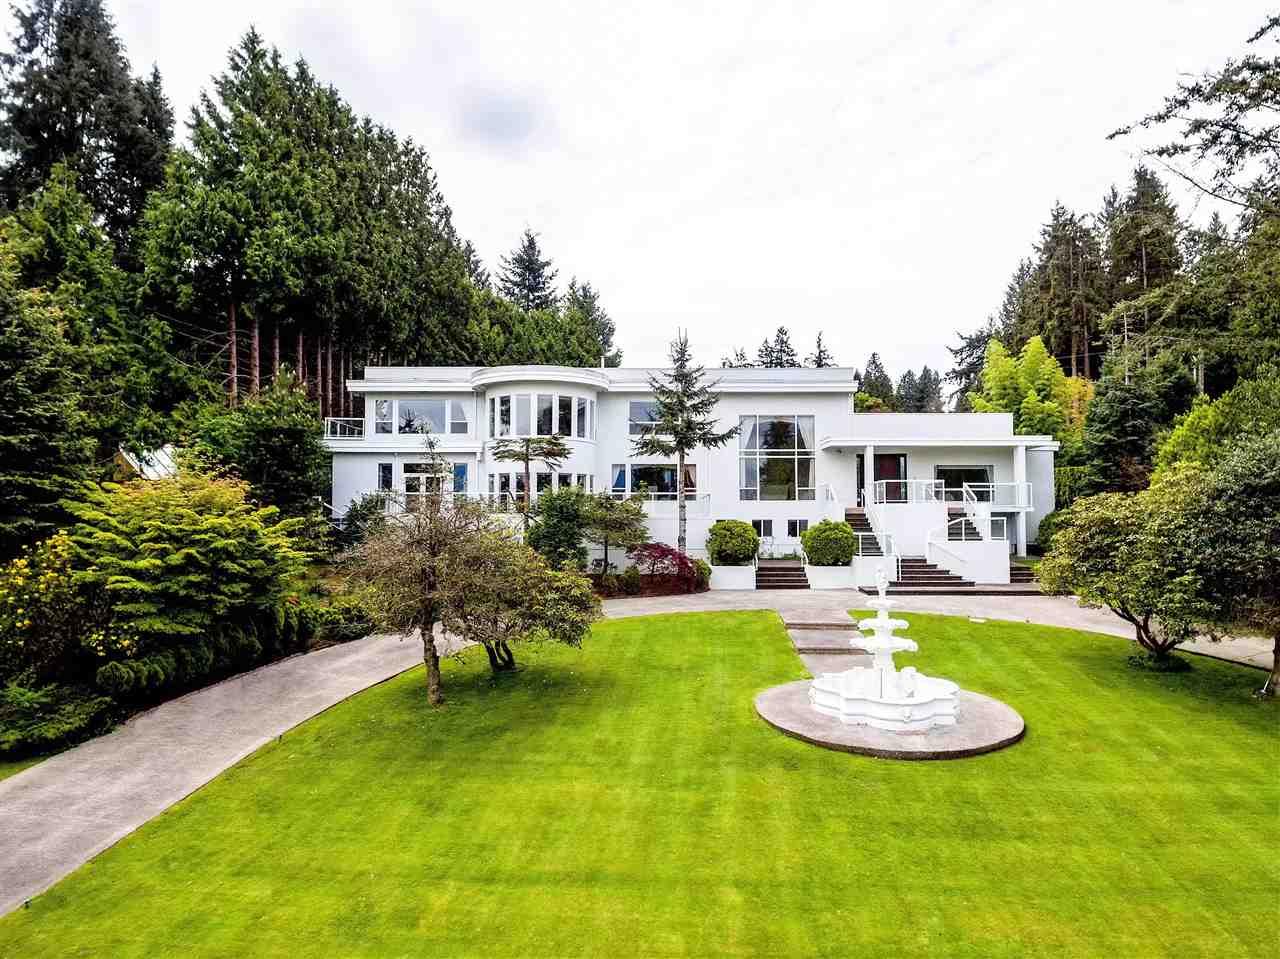 4838 BELMONT AVENUE, Vancouver, BC V6T 1A9